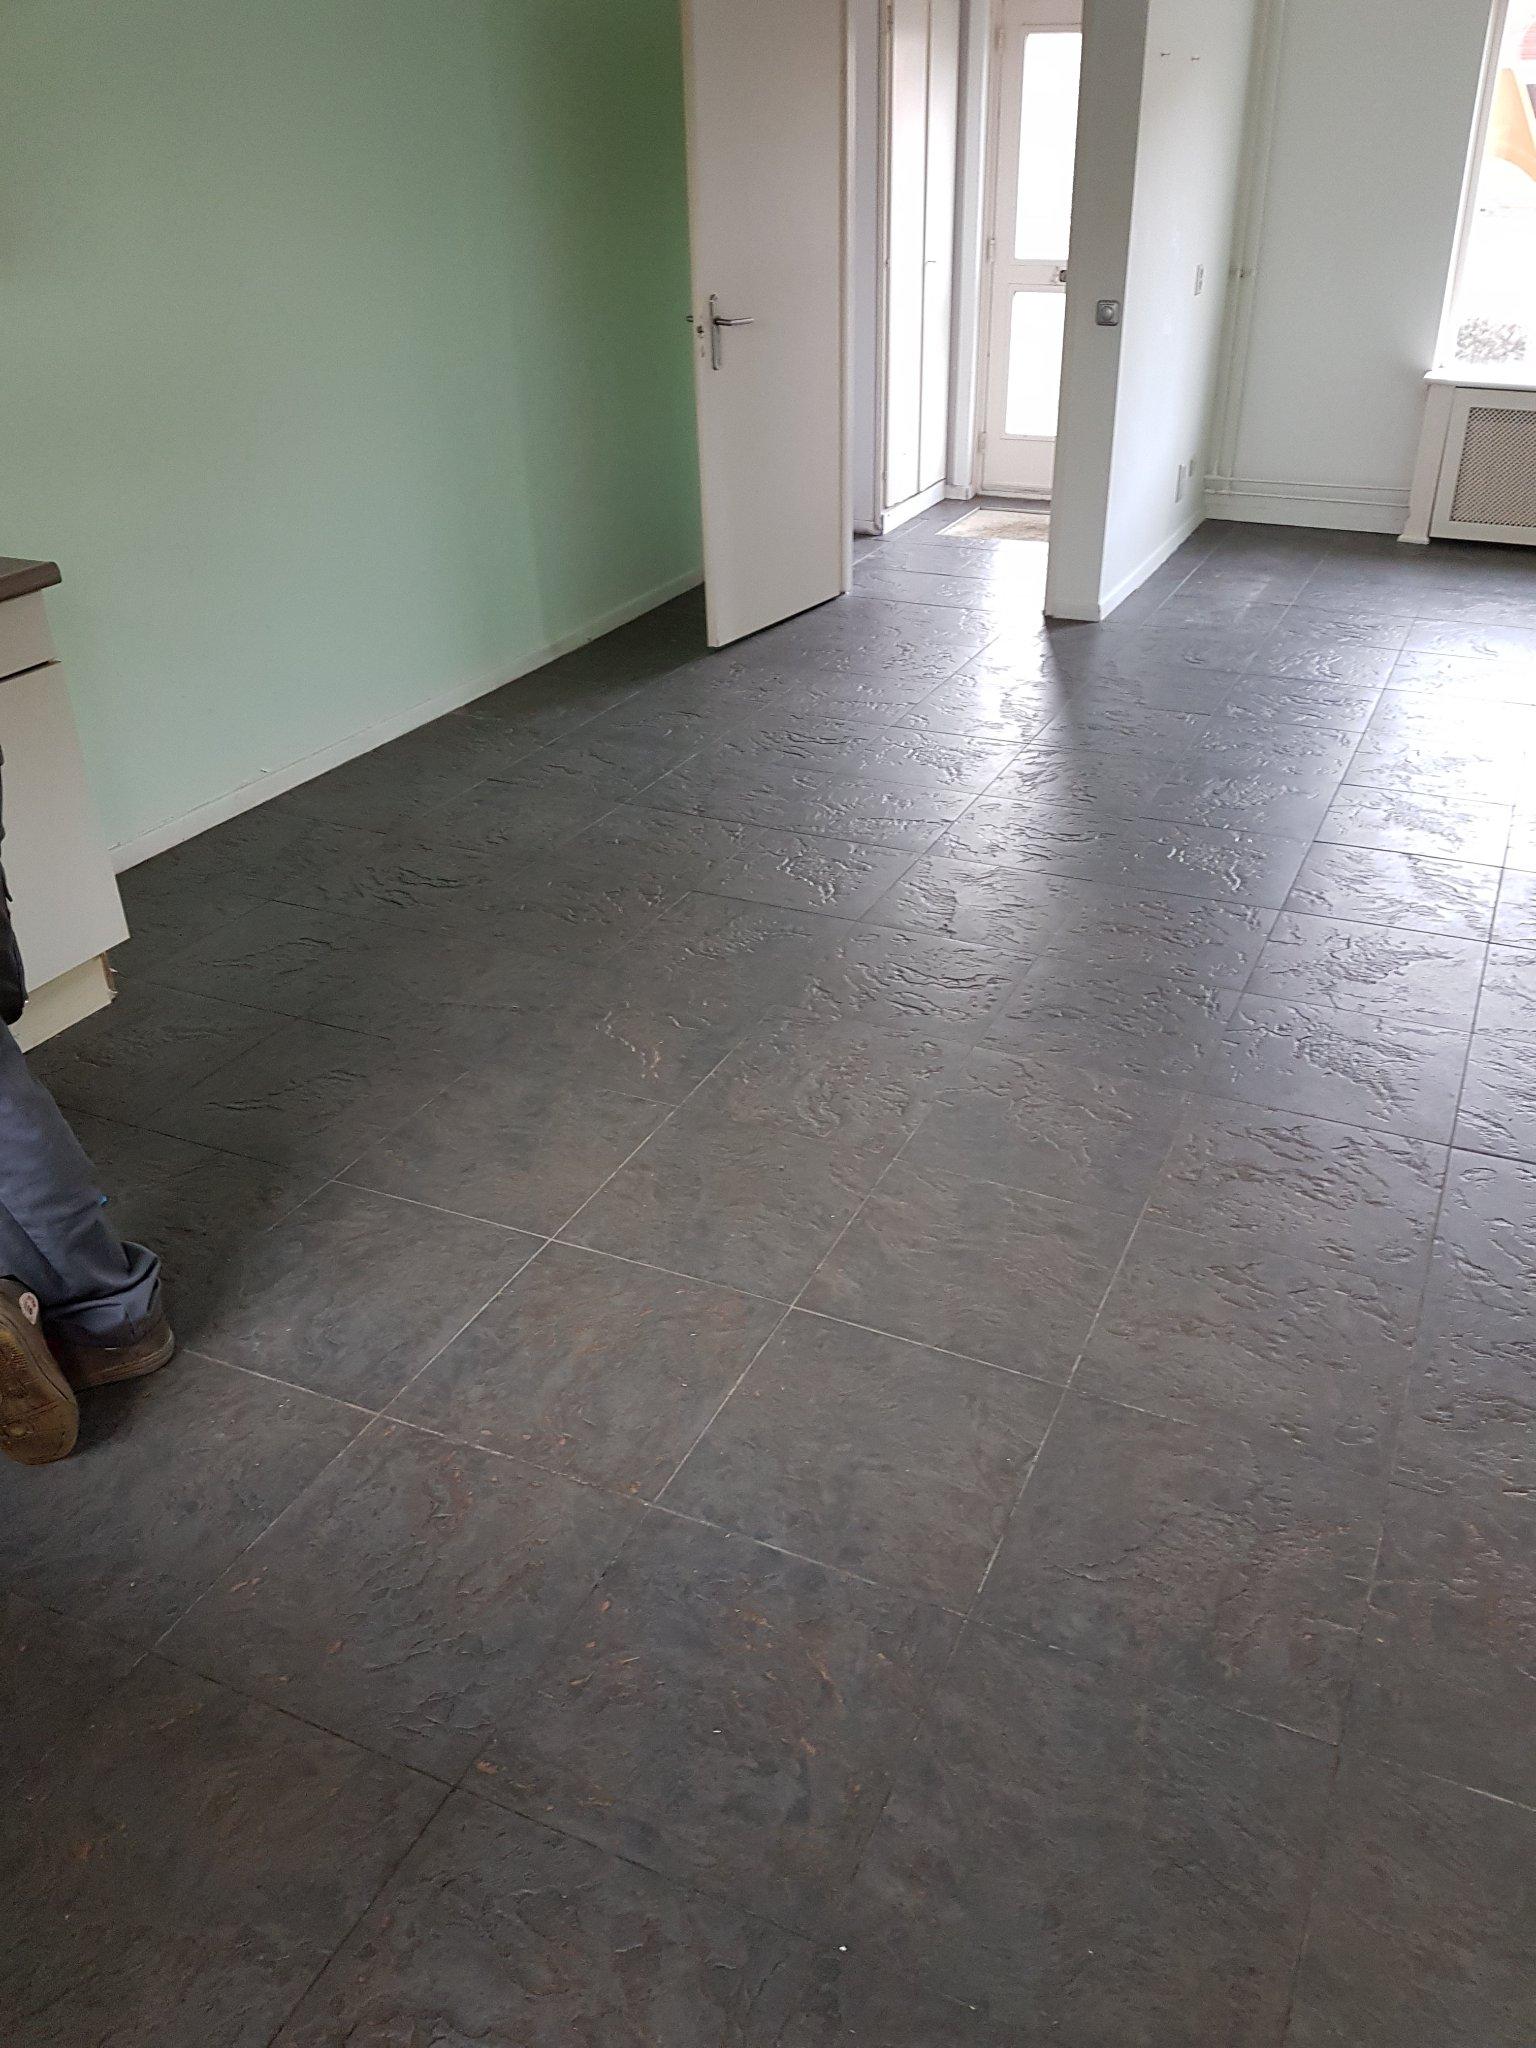 Stenen vloer woonkamer verwijderen (in cement) +/- 35m2 - Werkspot